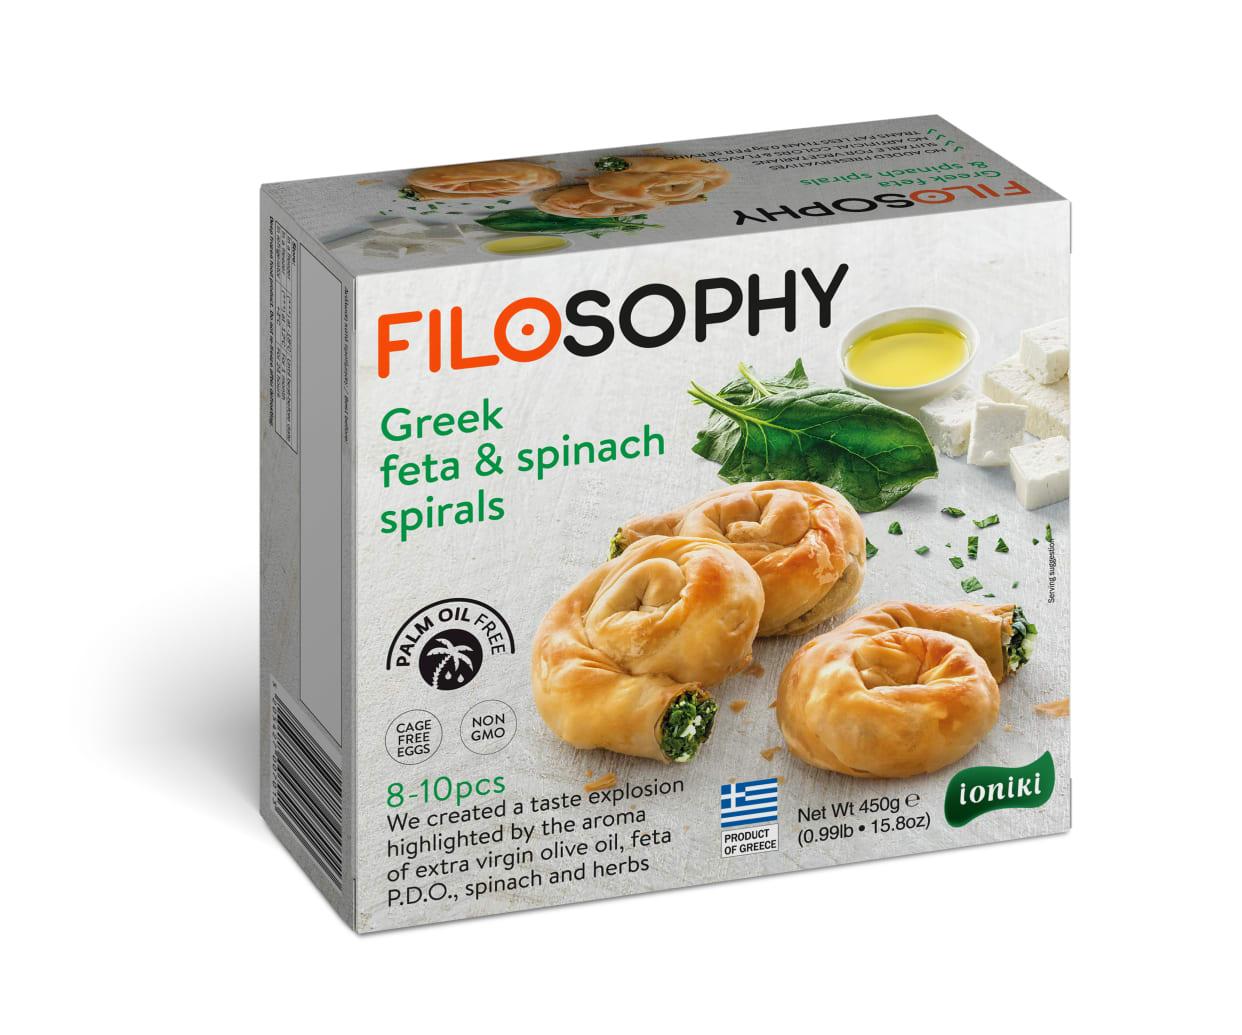 Filosophy Greek Feta & Spinach Spirals 450G